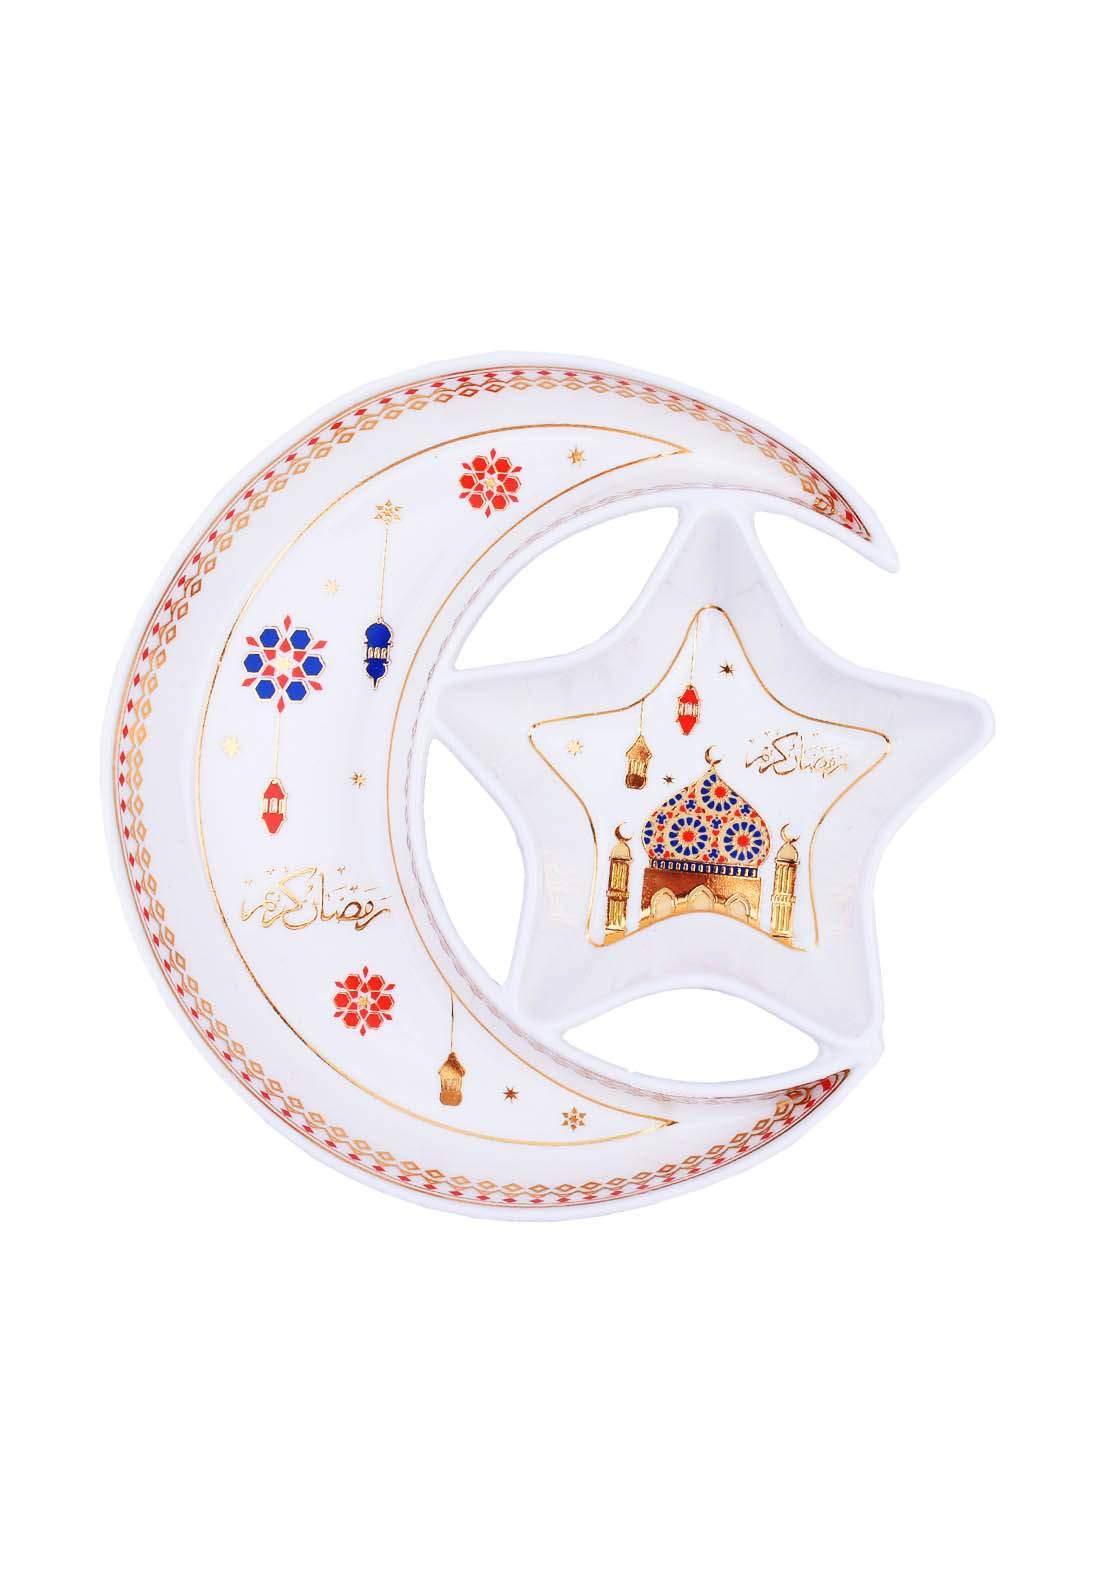 طبق تقديم طعام رمضاني